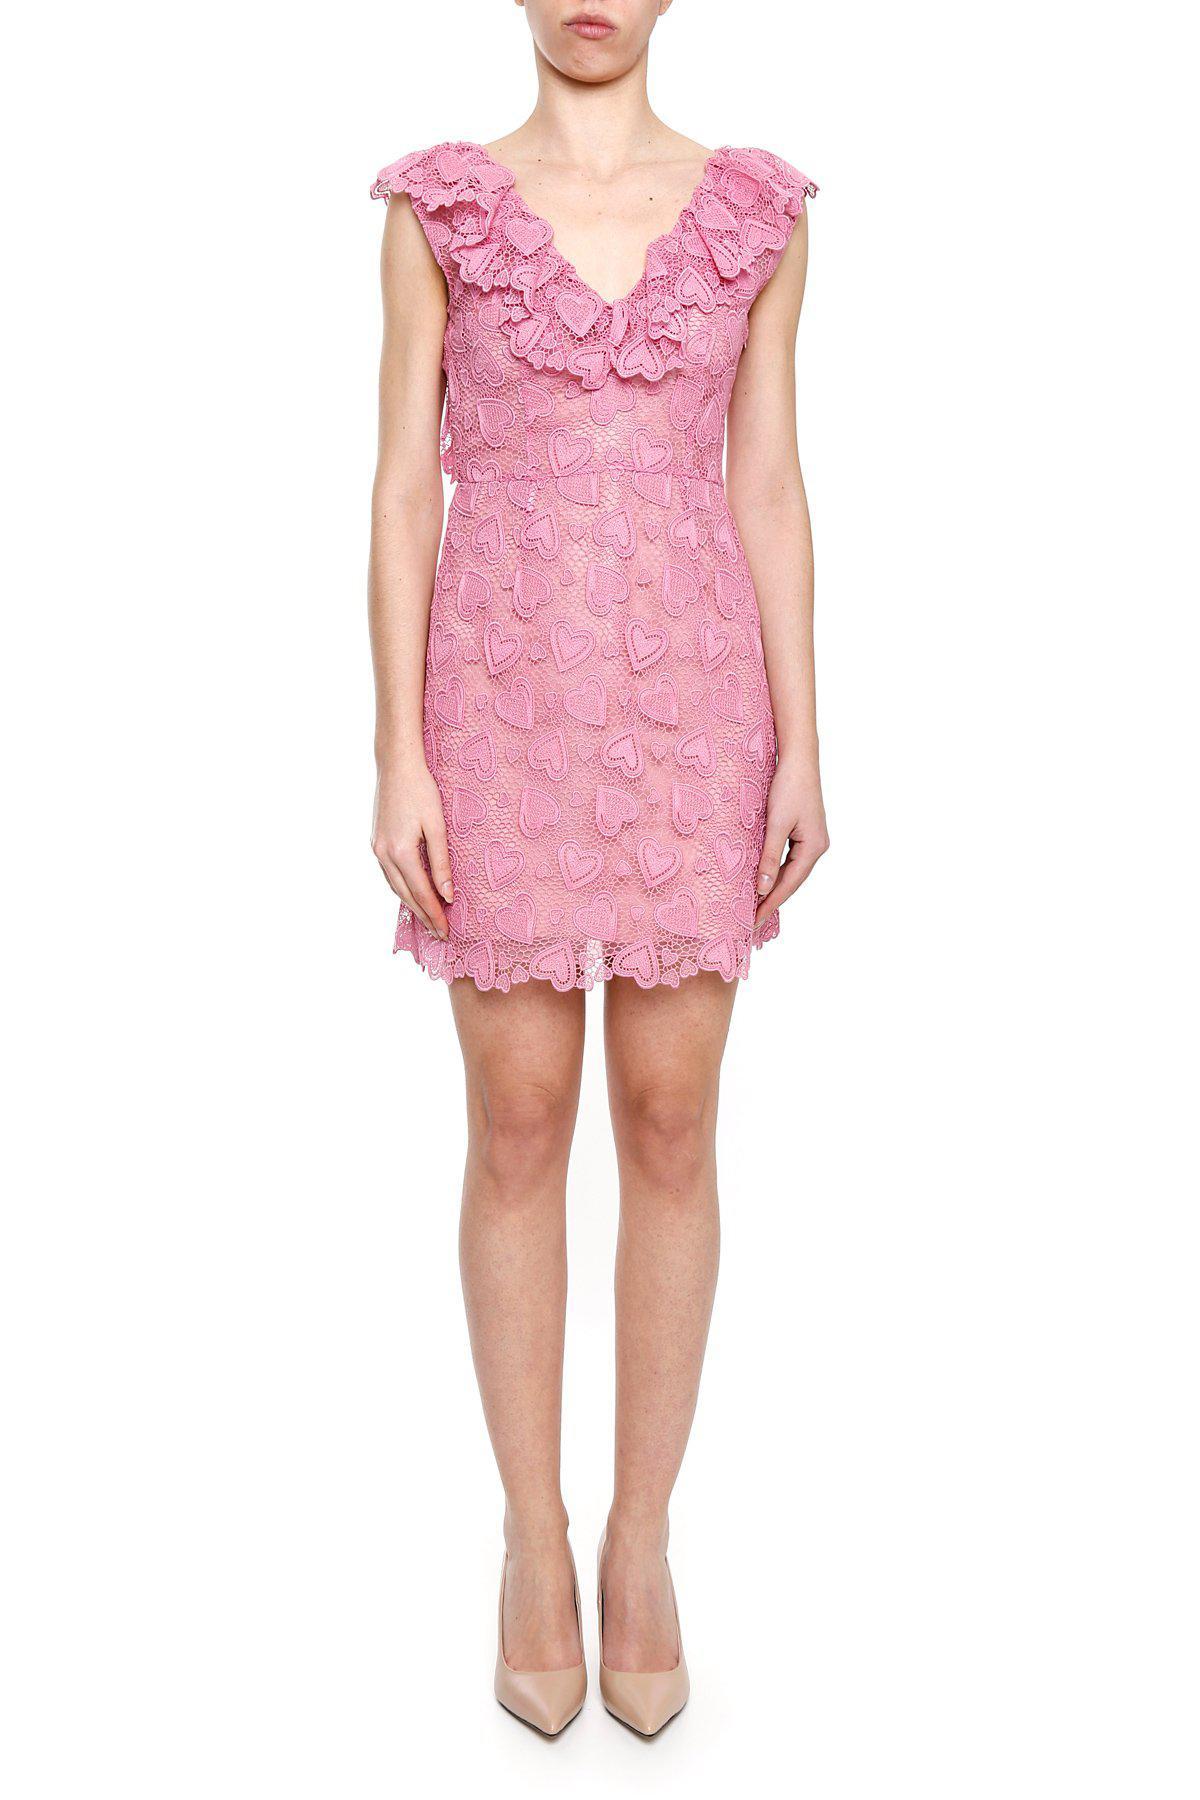 79e068a5ba4a8 Miu Miu Ruffled V-neck Lace Mini Dress in Pink - Lyst